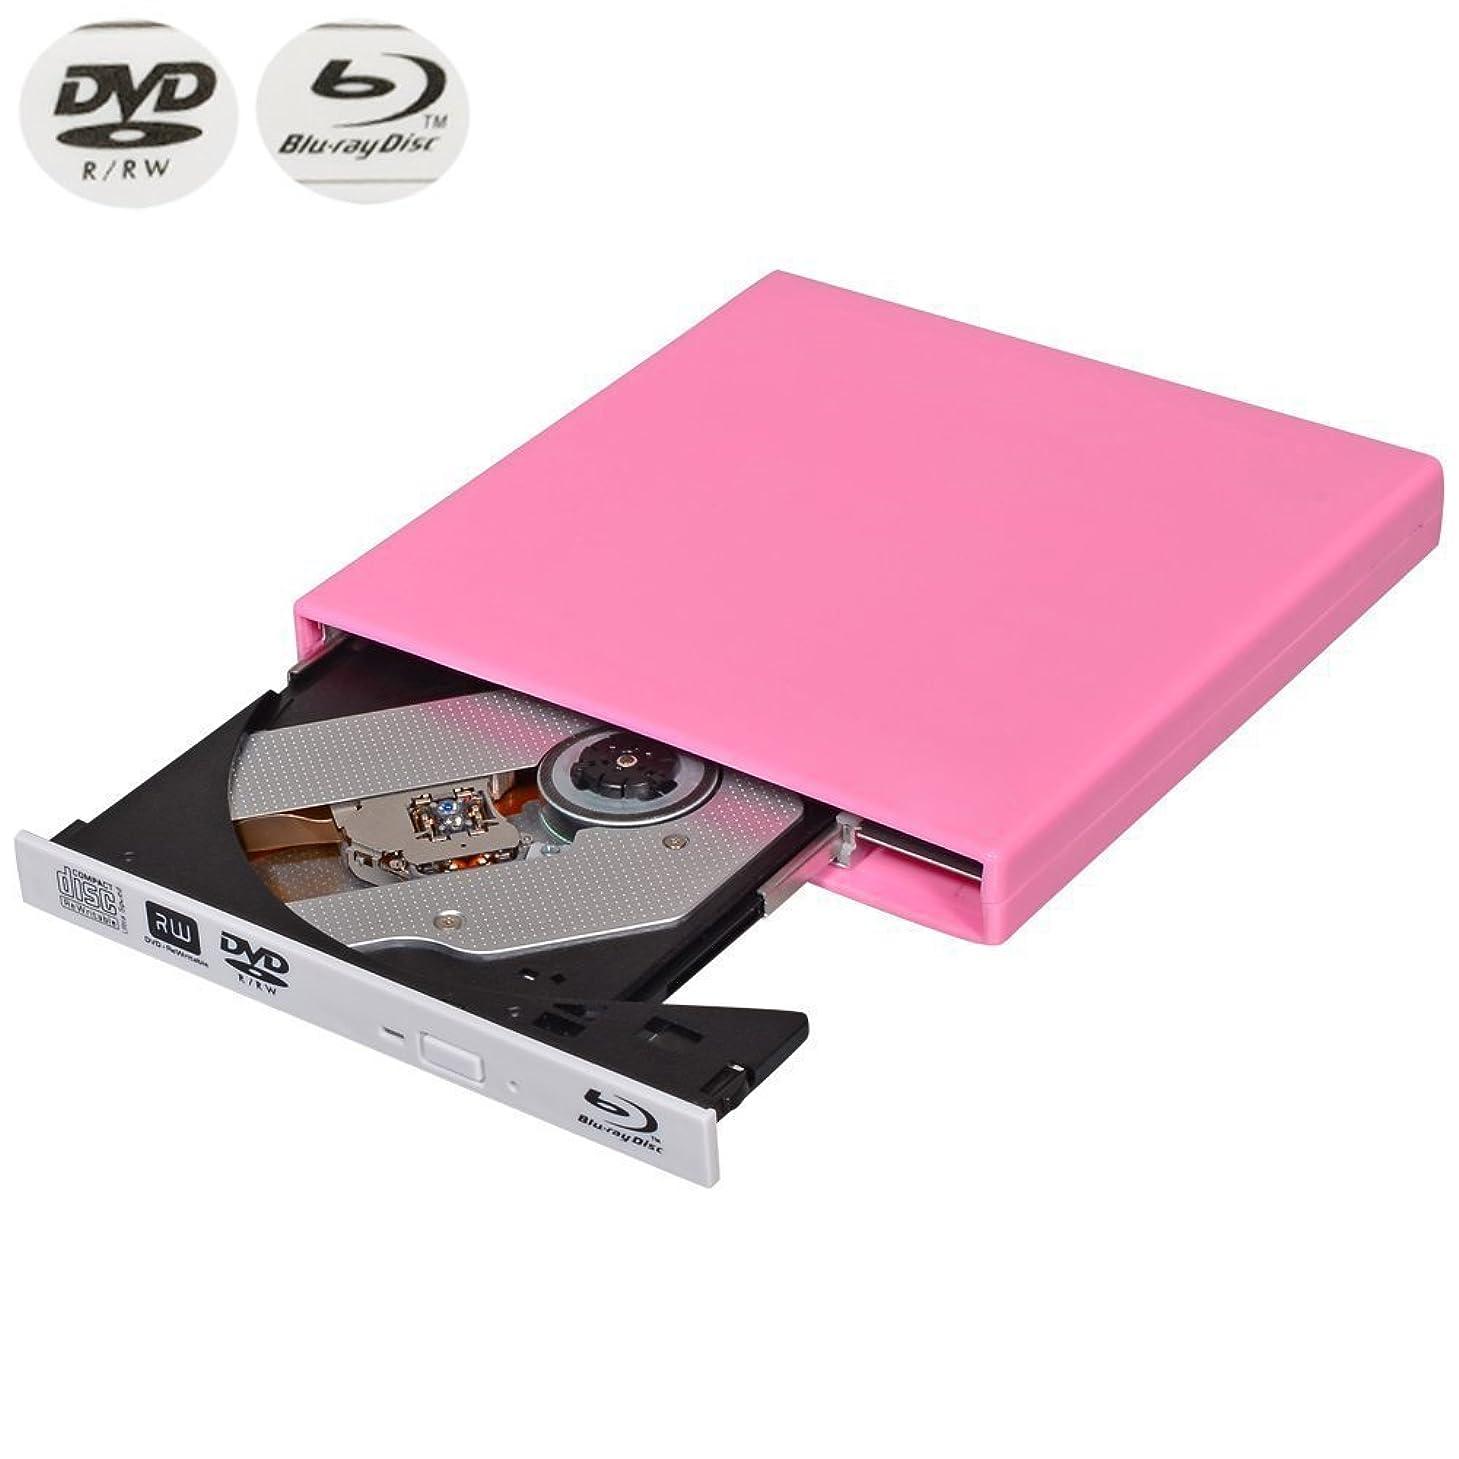 酸化物エキサイティングその間ELEKCITY(エレクシティ) 《最新Ver》 USB3.0 ポータブルドライブ バスパワー駆動 ブラック/シルバー CD+/-RW DVD+/-RW 軽量&コンパクトでスリムなデザイン 外付けドライブ スーパースリムドライブ USB3.0でハイスピードのデータ転送を実現 Win7/8/10 Window2003/XP/Vista MacOS(10.10以前のMac OS) Linuxに対応 (シルバー)